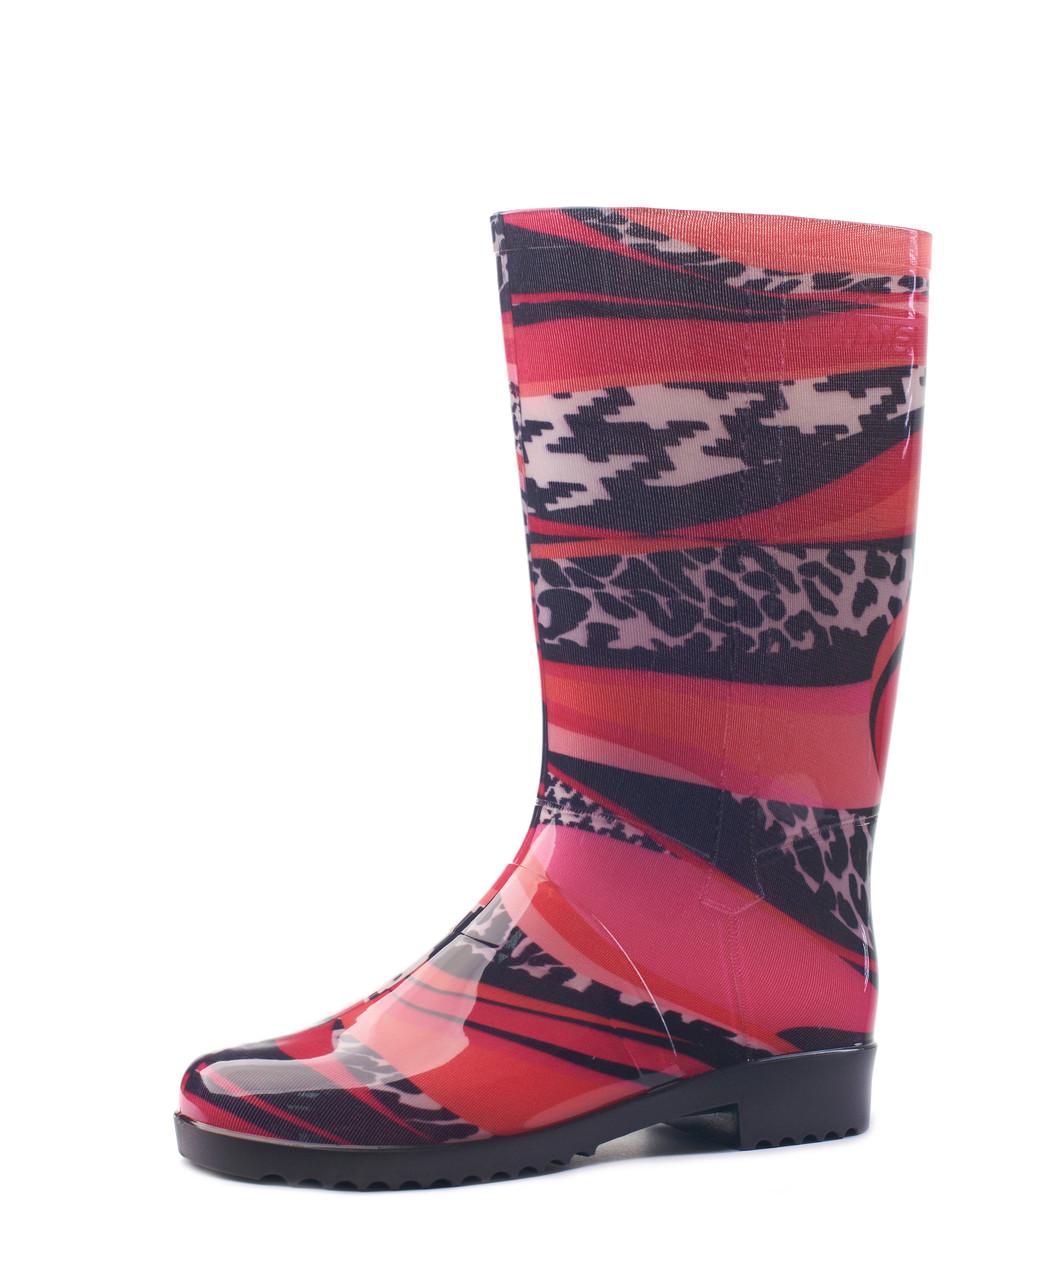 Женские резиновые сапоги Литма Літма Litma гумаки резиняки чоботи гумові  жіночі чоботи - My outfit в 9437f9ab968ea